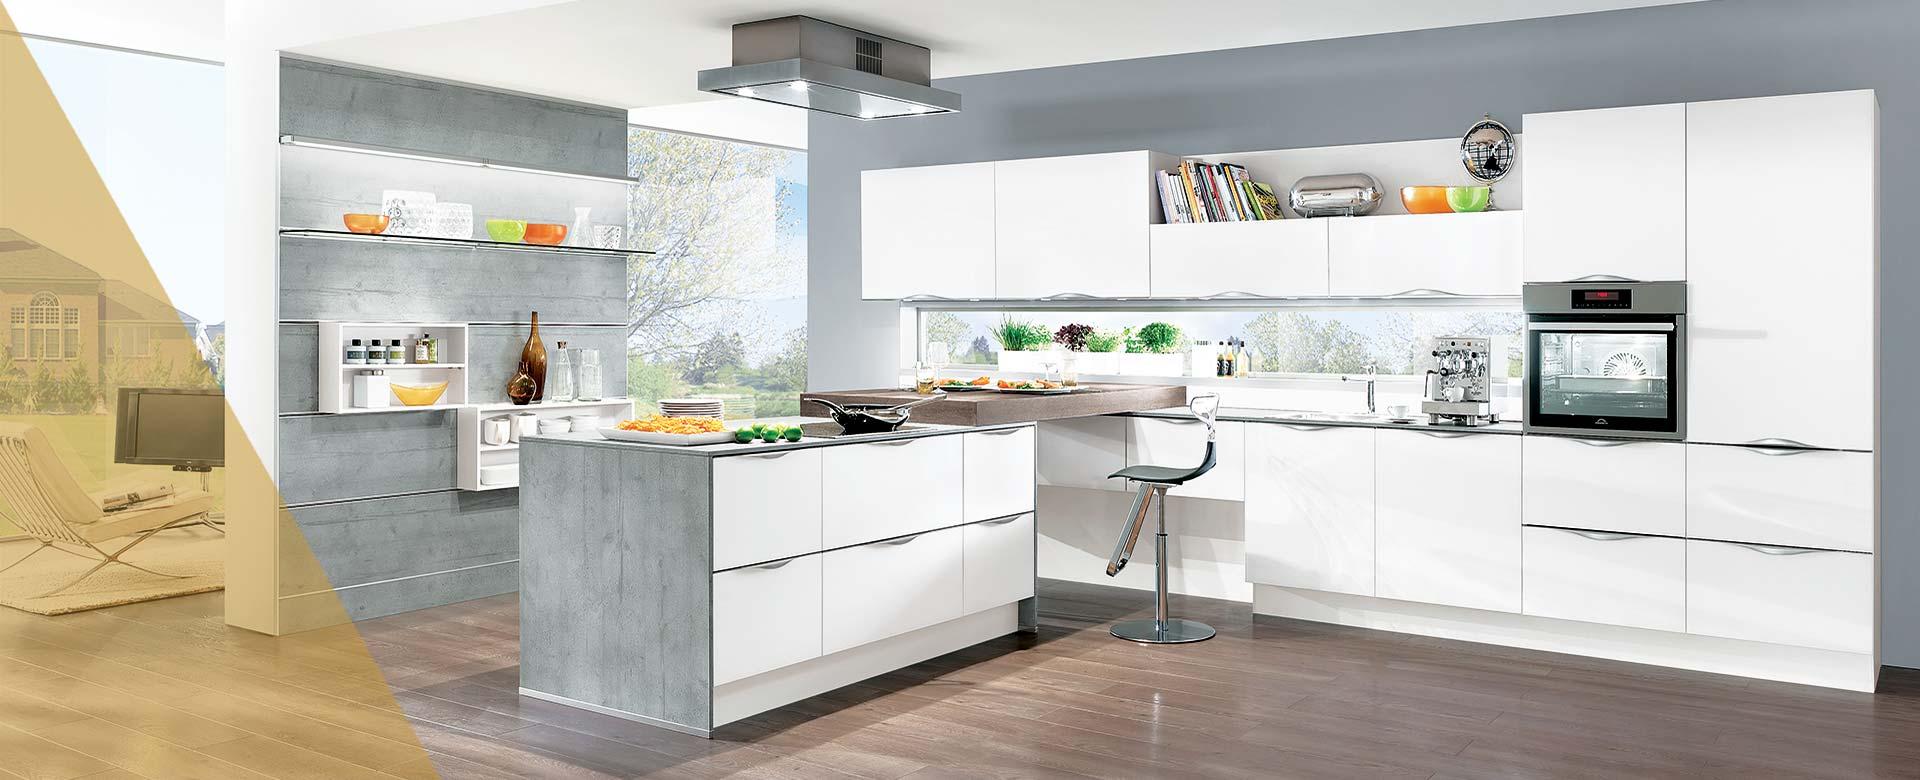 Full Size of Nobilia Preisliste Einbauküche Küche Wohnzimmer Nobilia Preisliste